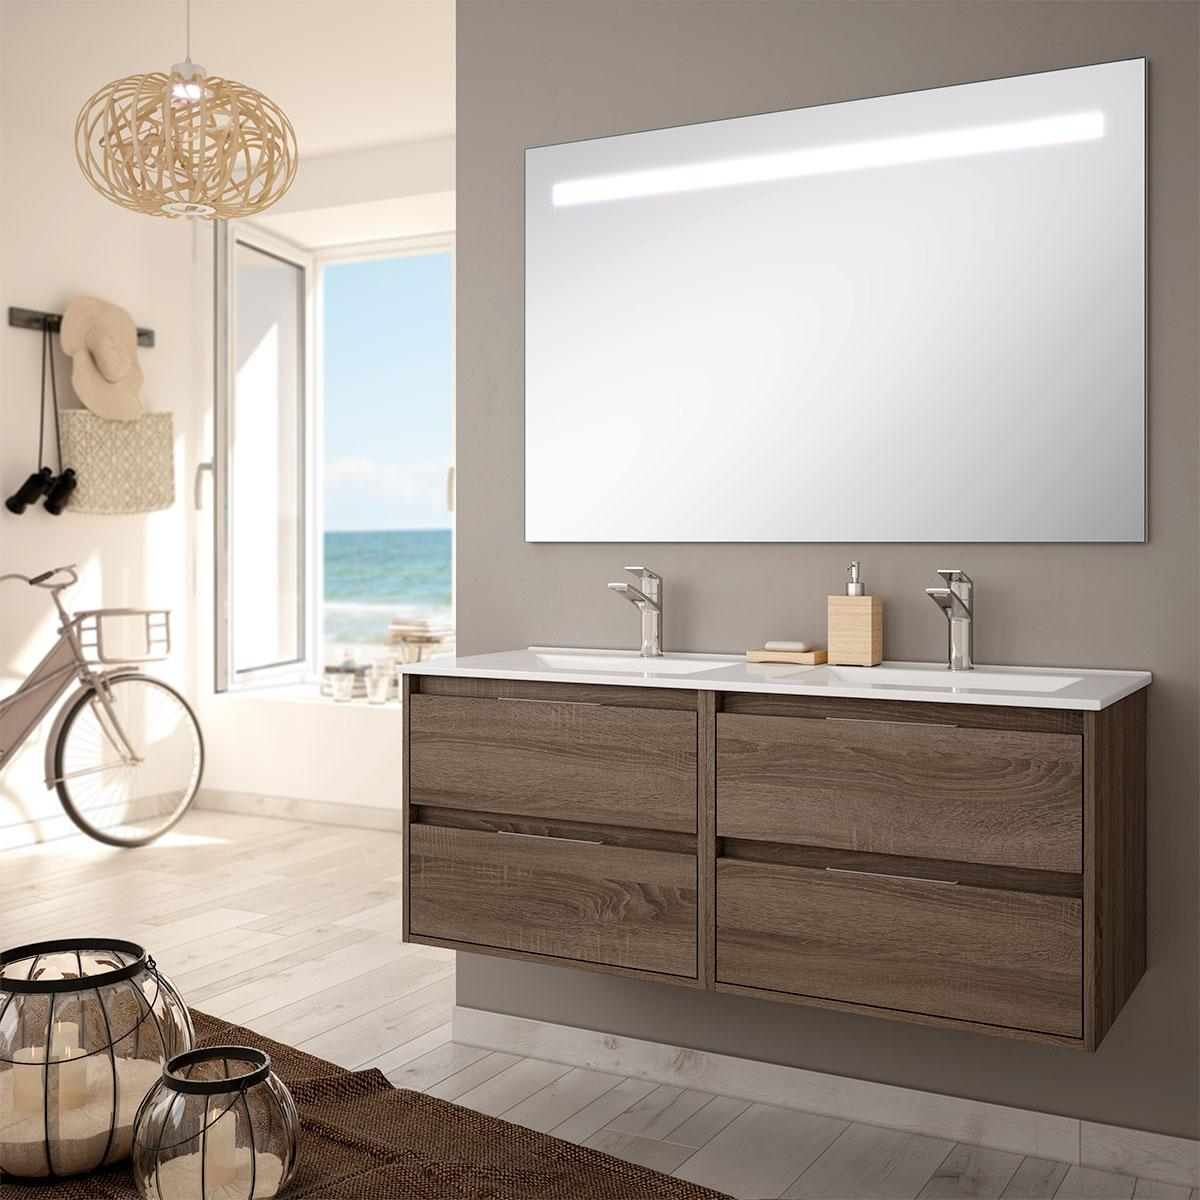 meubles de salle de bains Siri